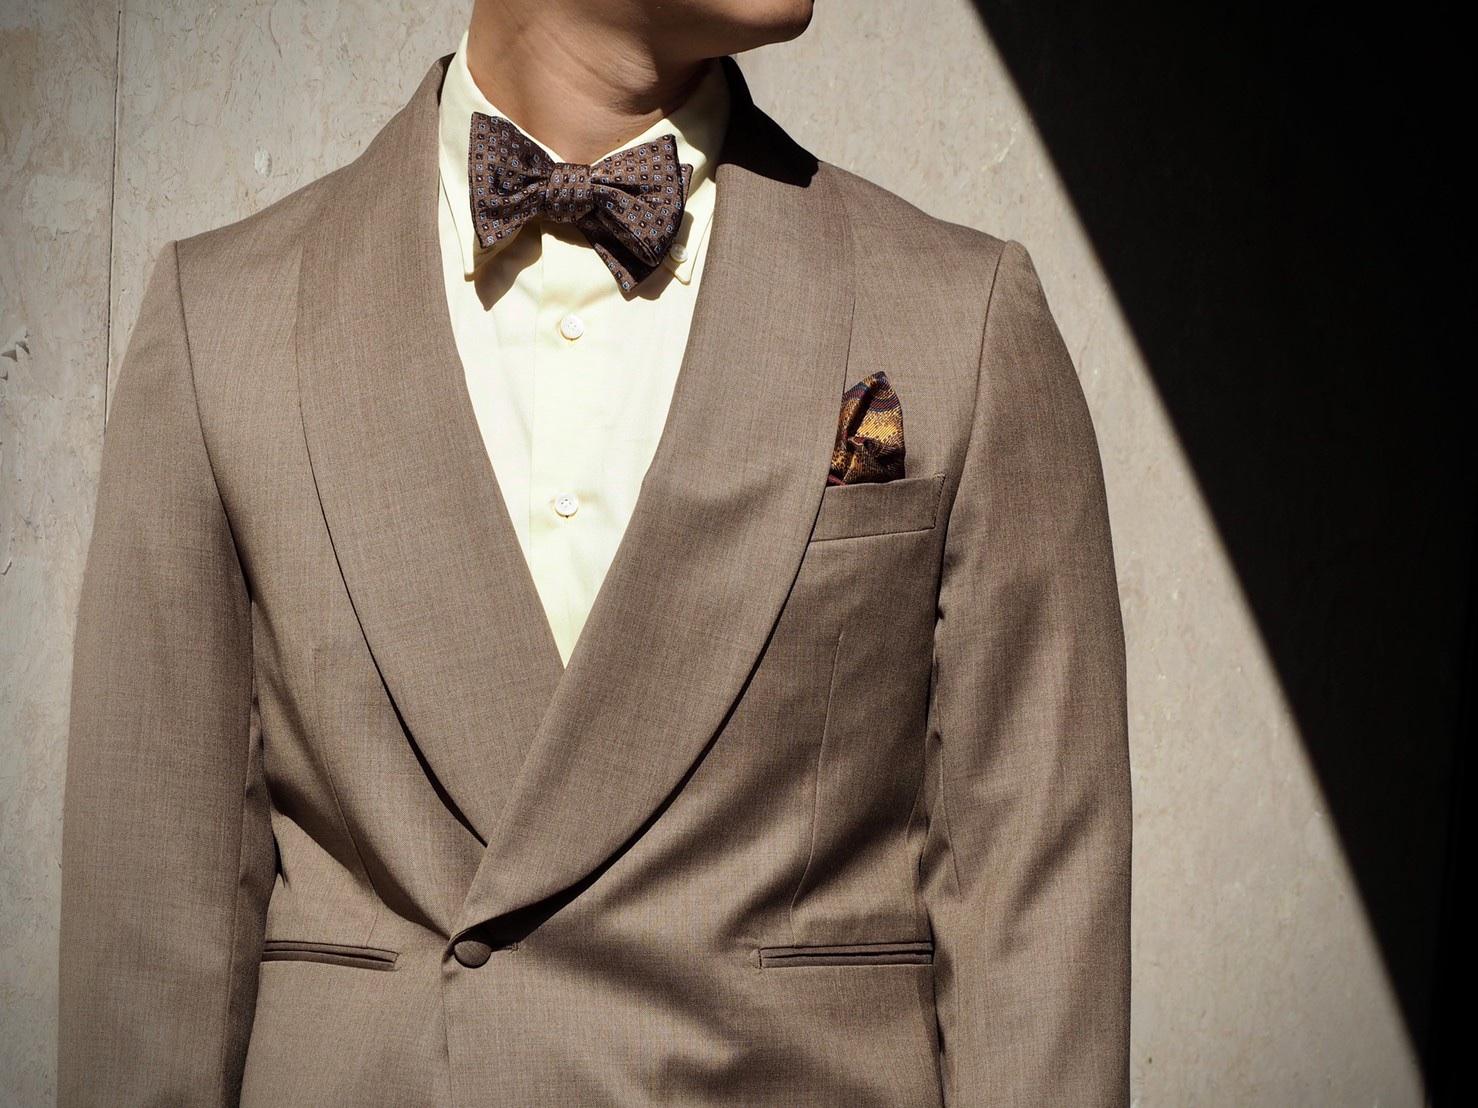 パーティーシーンにぴったりなベージュのジャケットスタイル。TREAT Gentlemanでは、カジュアルウェアも豊富にお取り扱いしております。